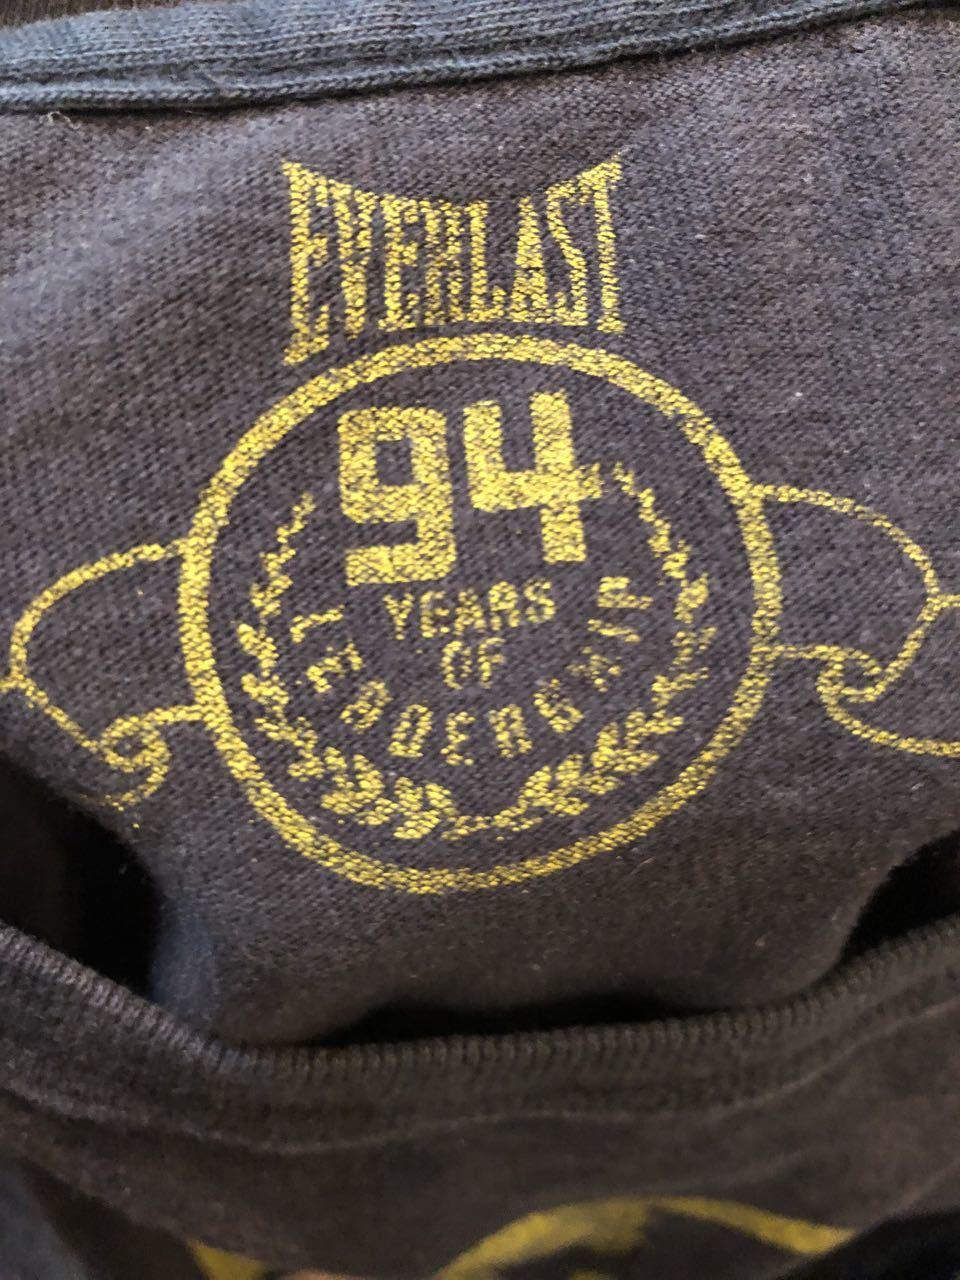 4月20日(土)入荷!MADE IN U.S.A  EVERLAST  ロッキーマルシアーノ Tシャツ! _c0144020_14351683.jpg